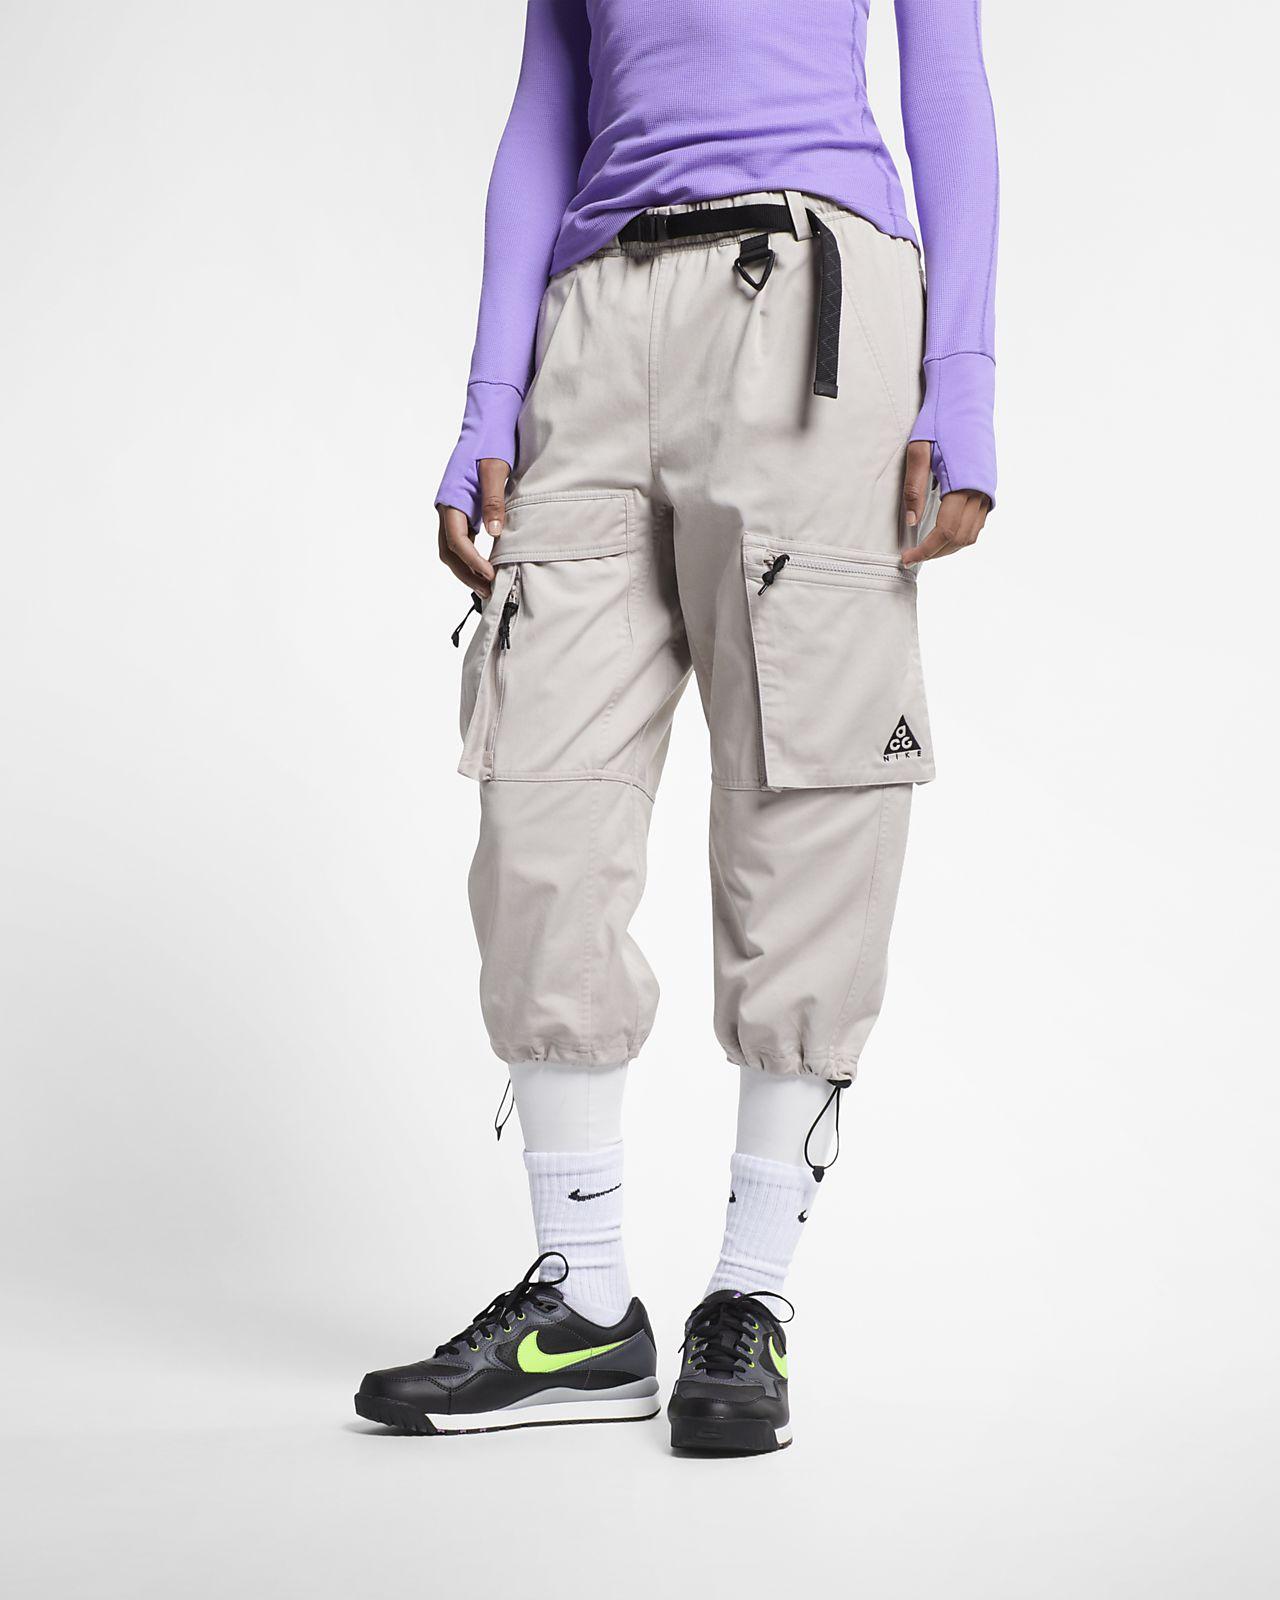 Pantalon Nike Femme Pantalon Acg Pour Nike cKJT1Fl